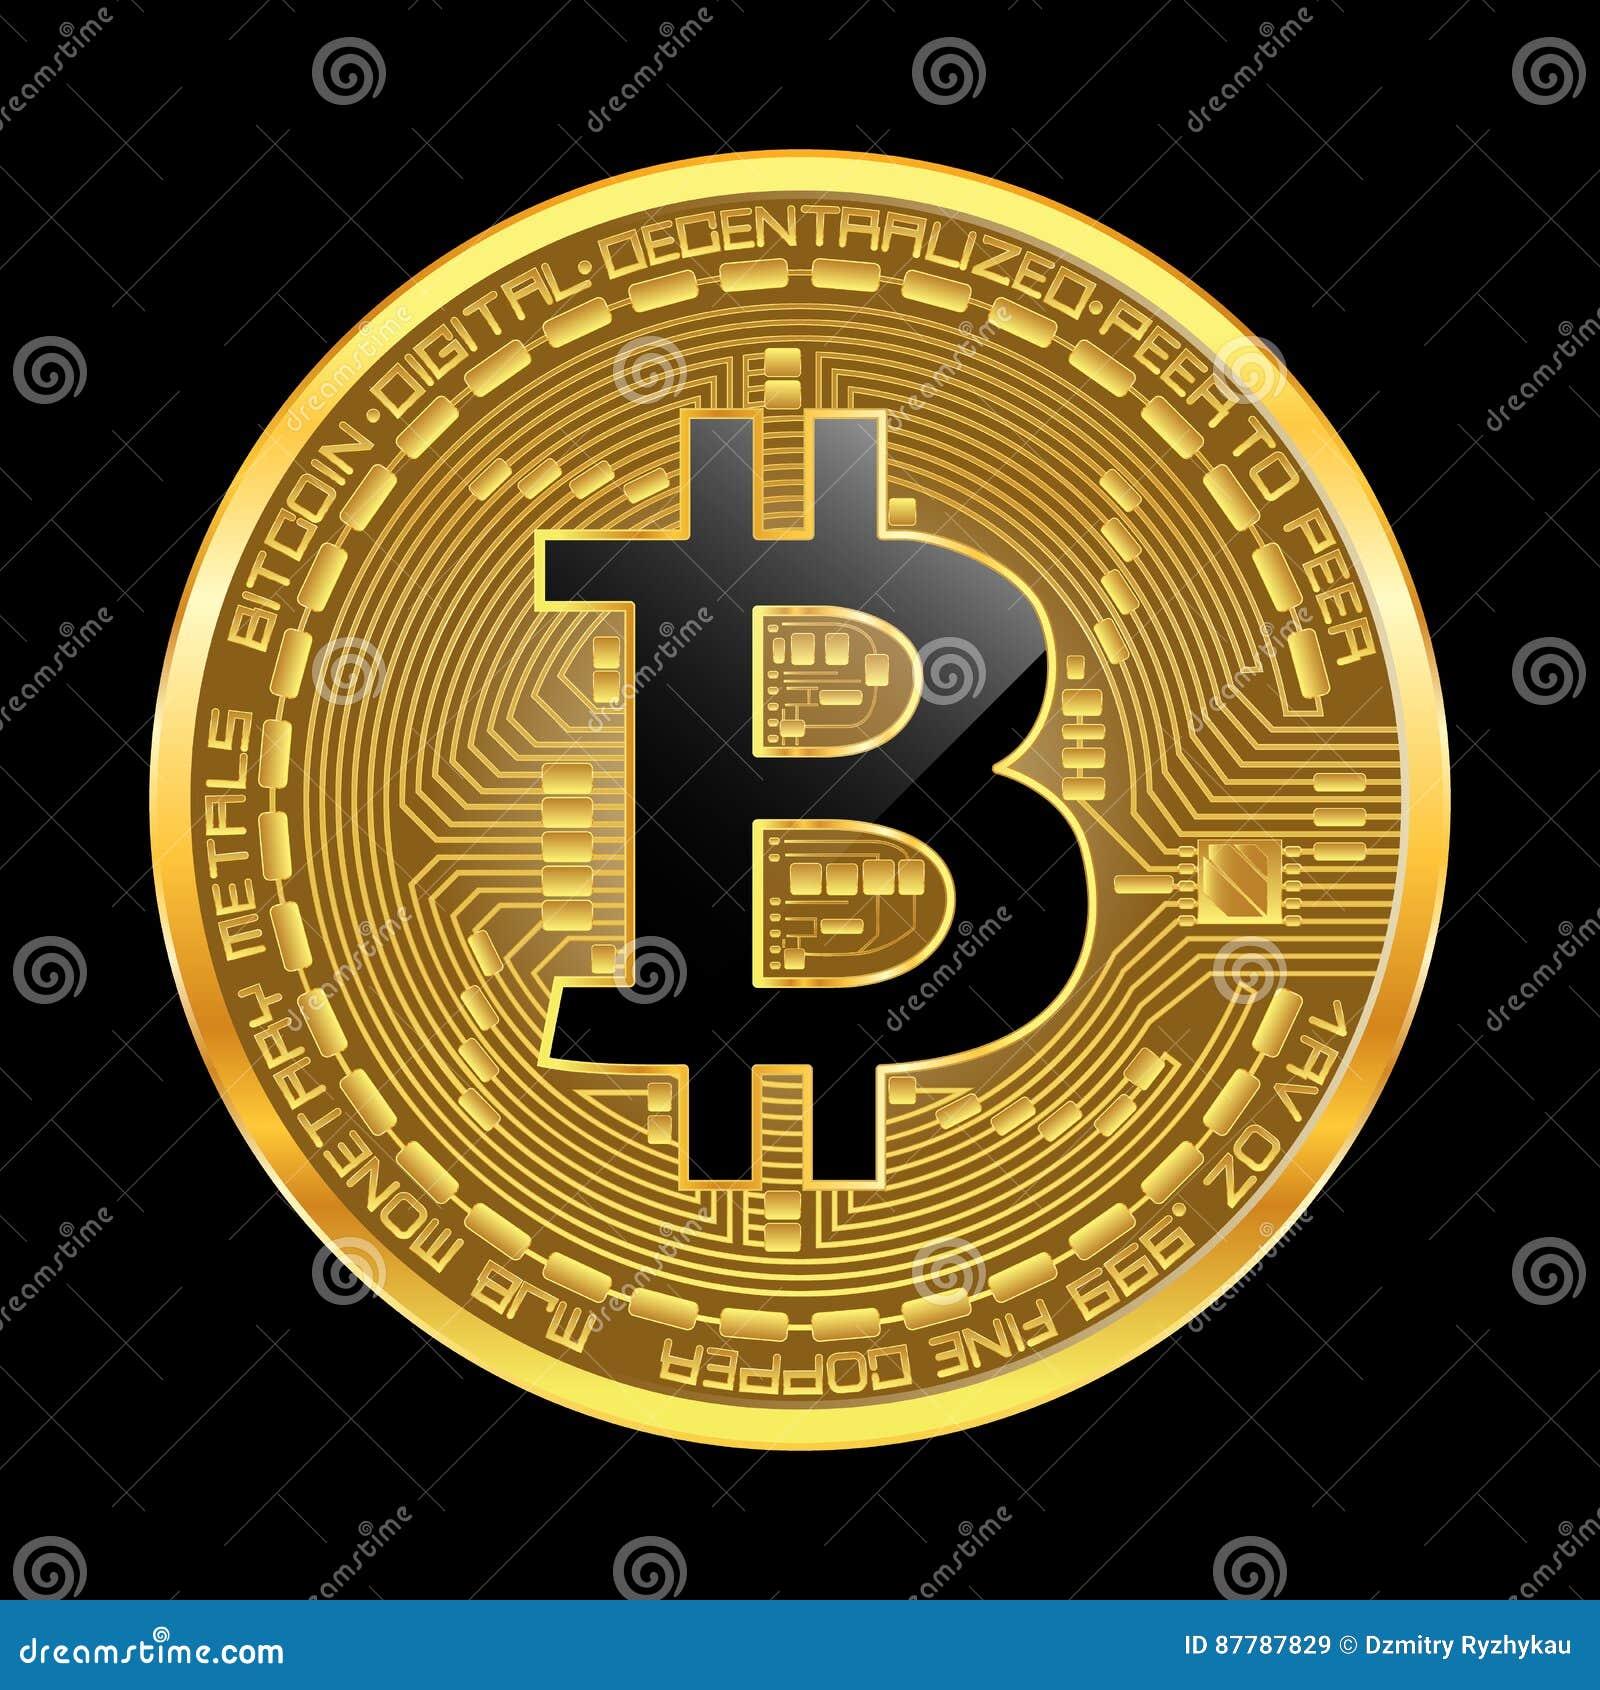 simbolo bitcoin fxpro bitcoin trading